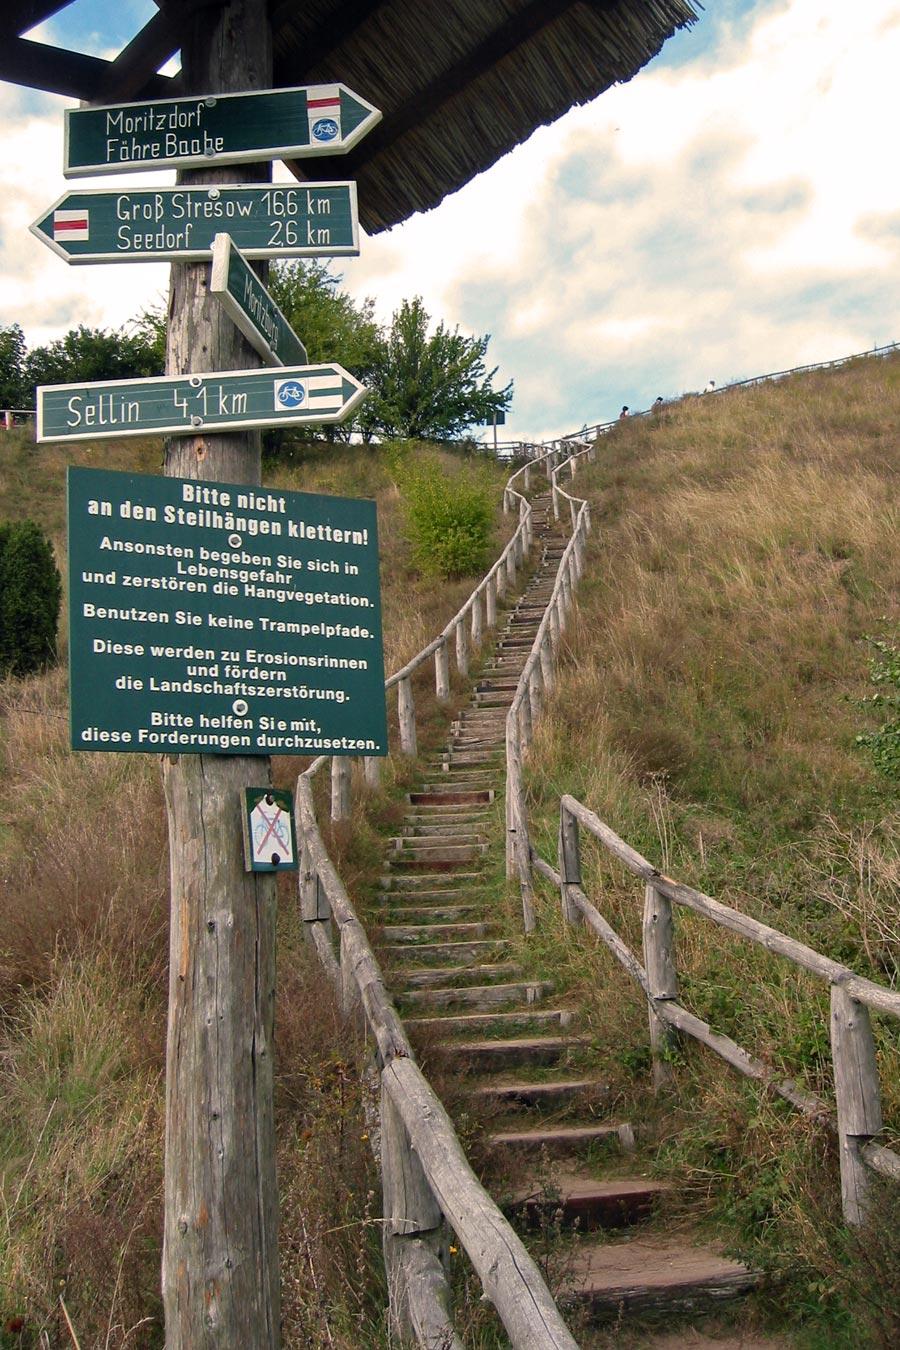 Ca. 200 Treppenstufen Aufstieg zur Moritzburg